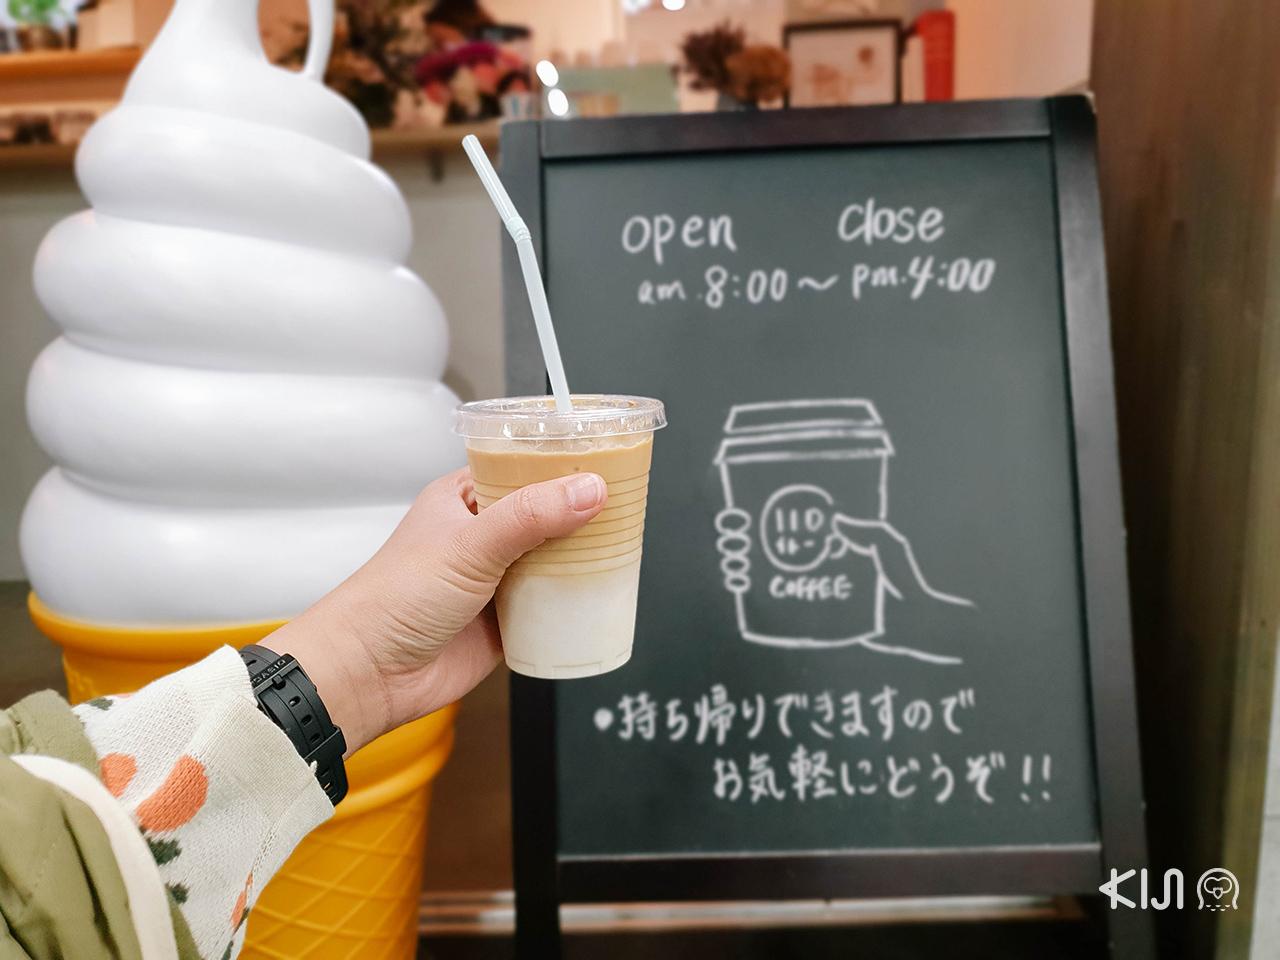 ได้กาแฟซักแก้วช่วยเติมพลังก็มีแรง ชมซากุระ ใน มิยากิ ต่อแล้ว